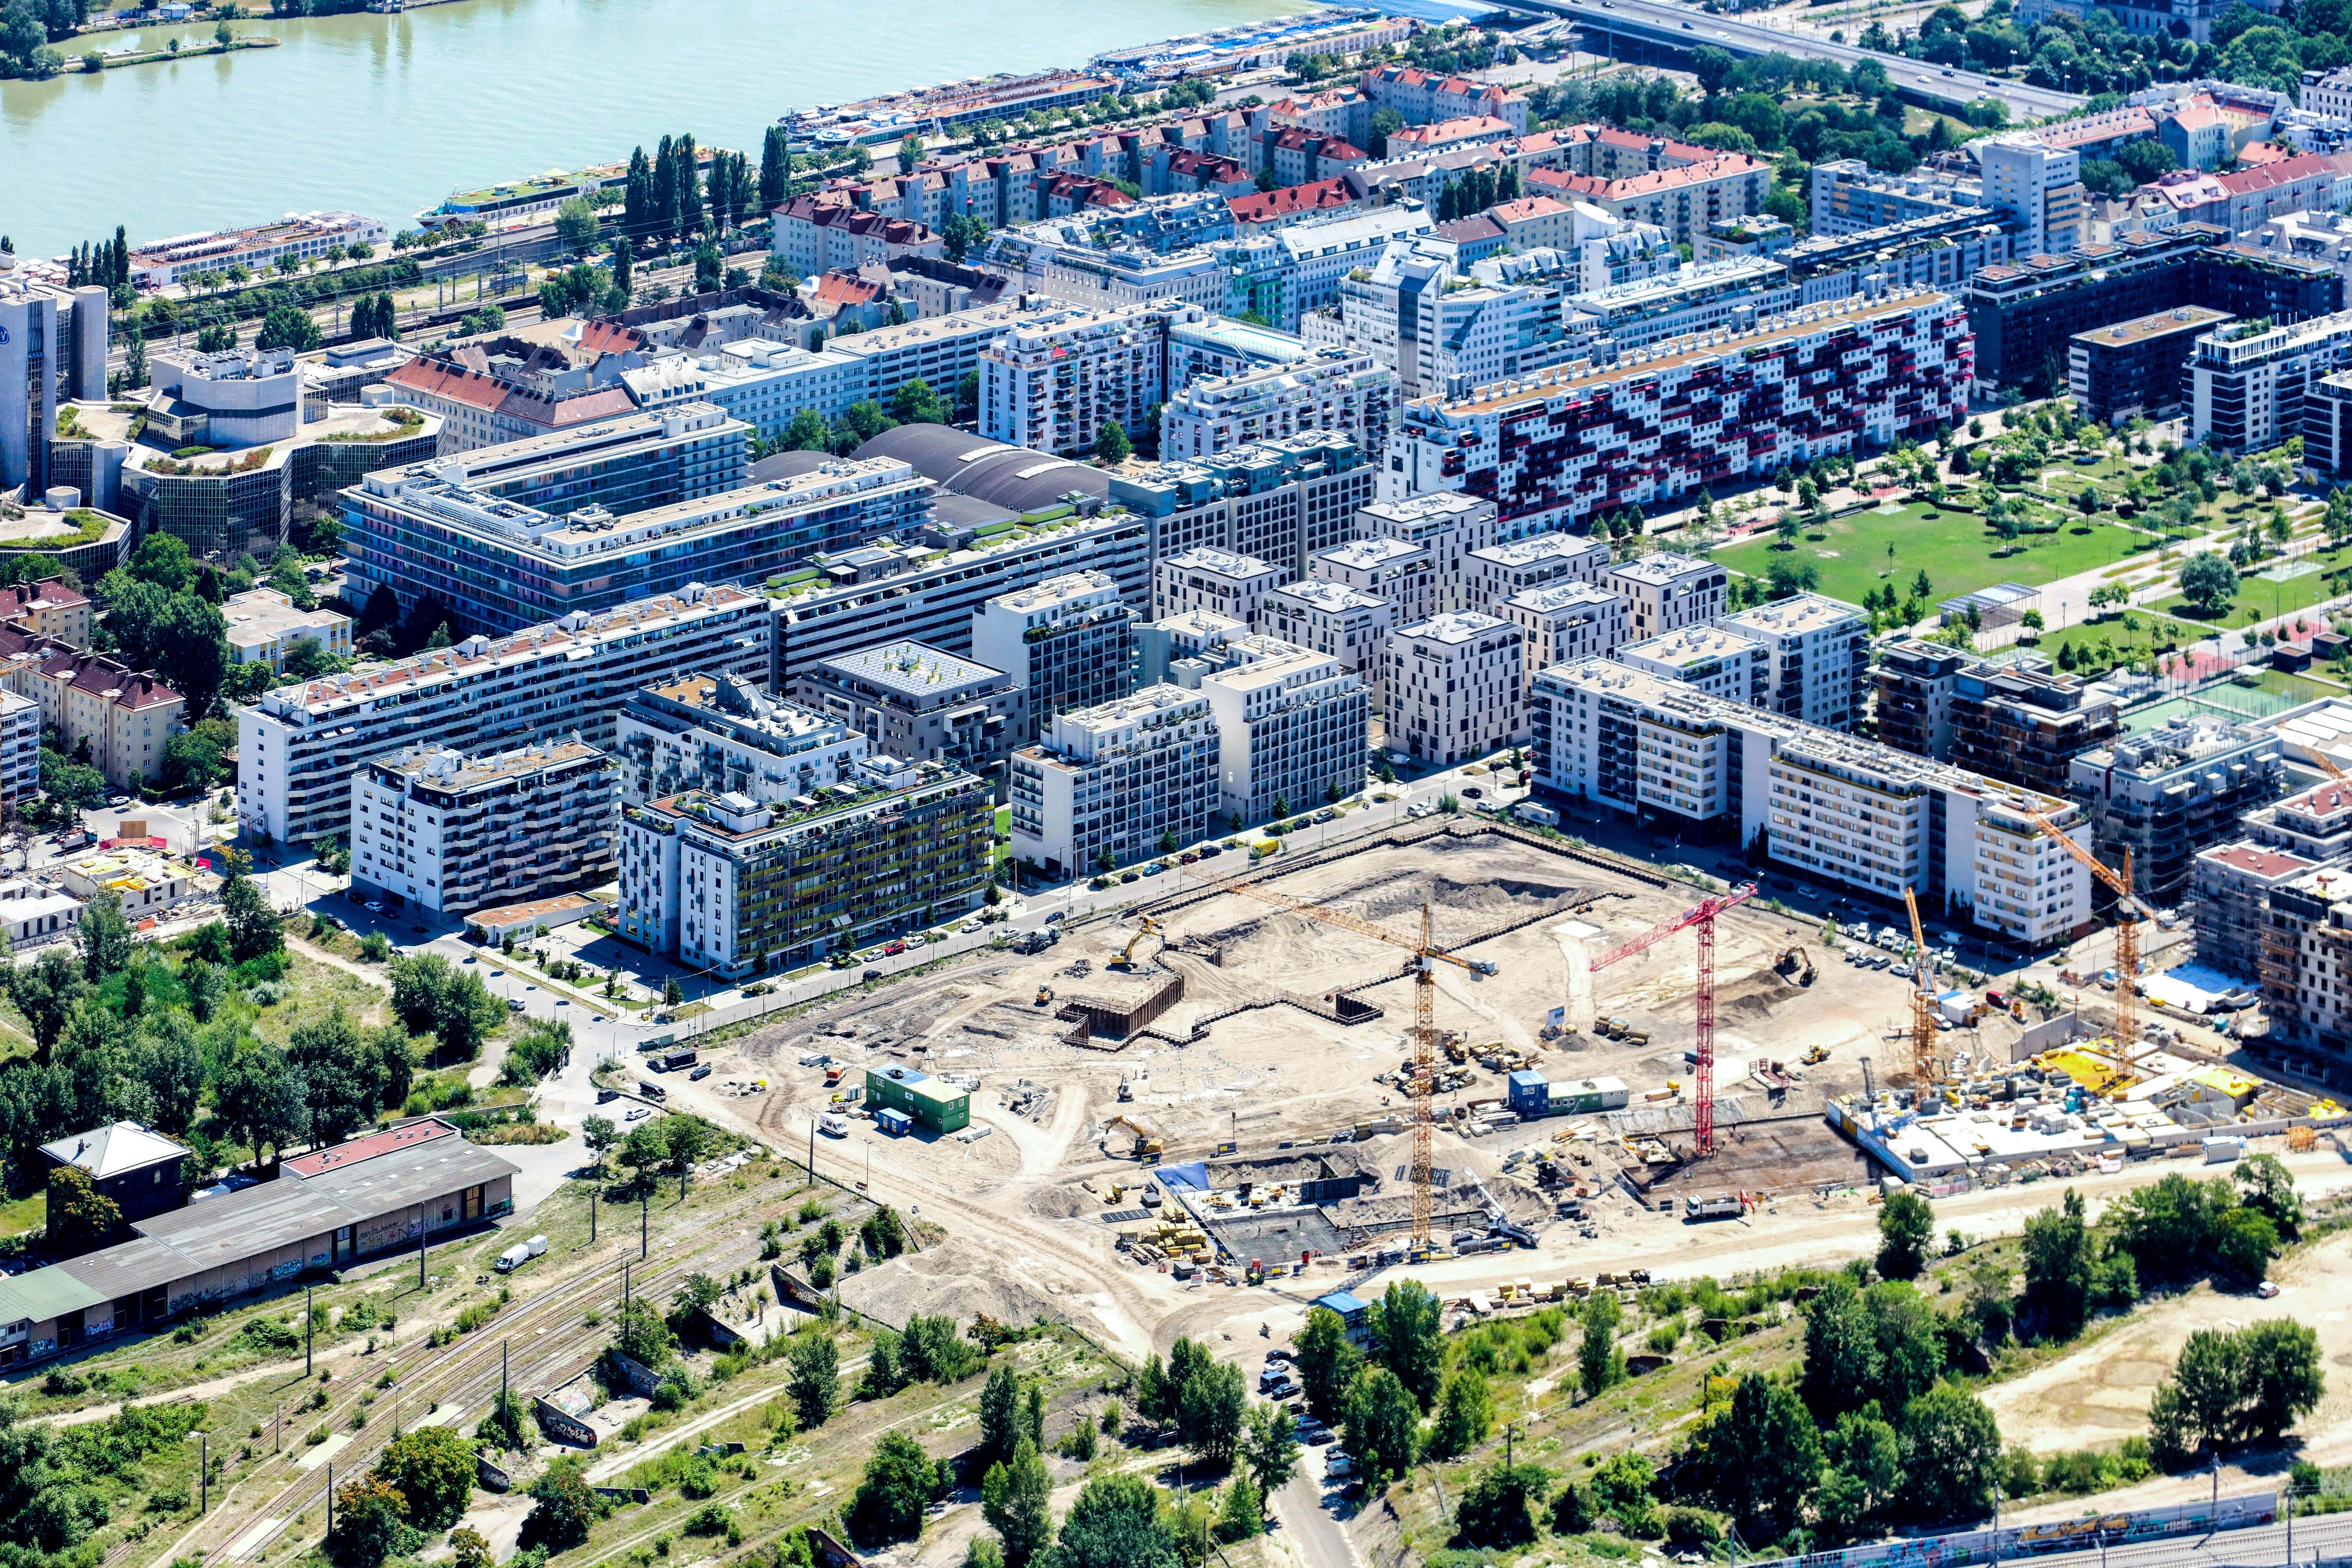 Baustelle für ein großes Wohnprojekt.